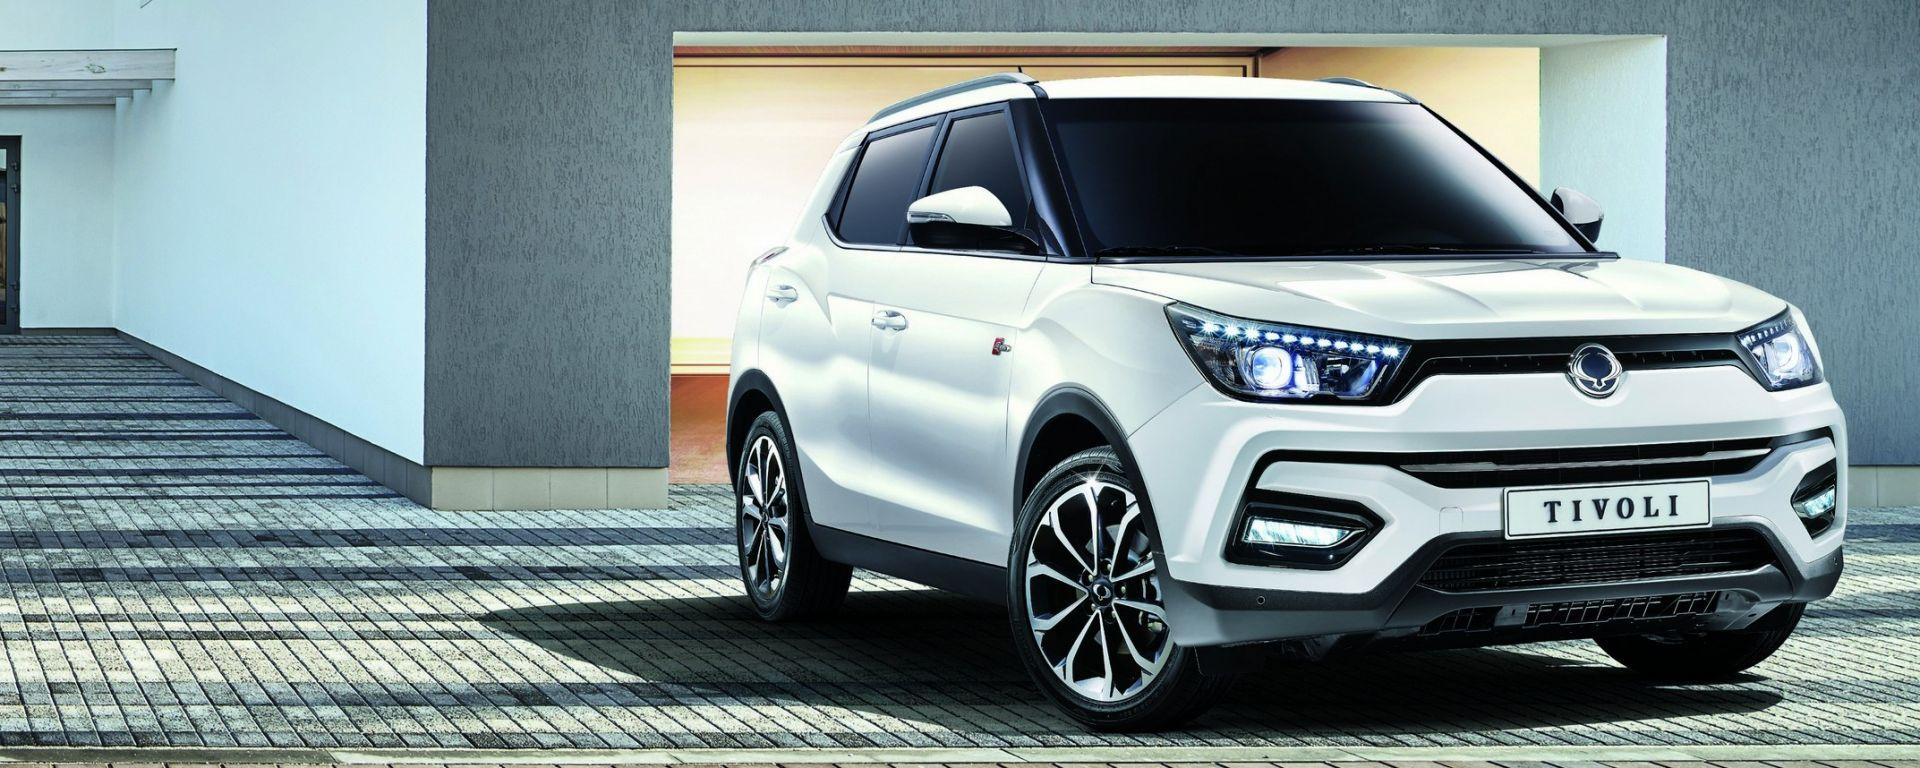 SsangYong Tivoli: ecco il restyling del SUV compatto coreano